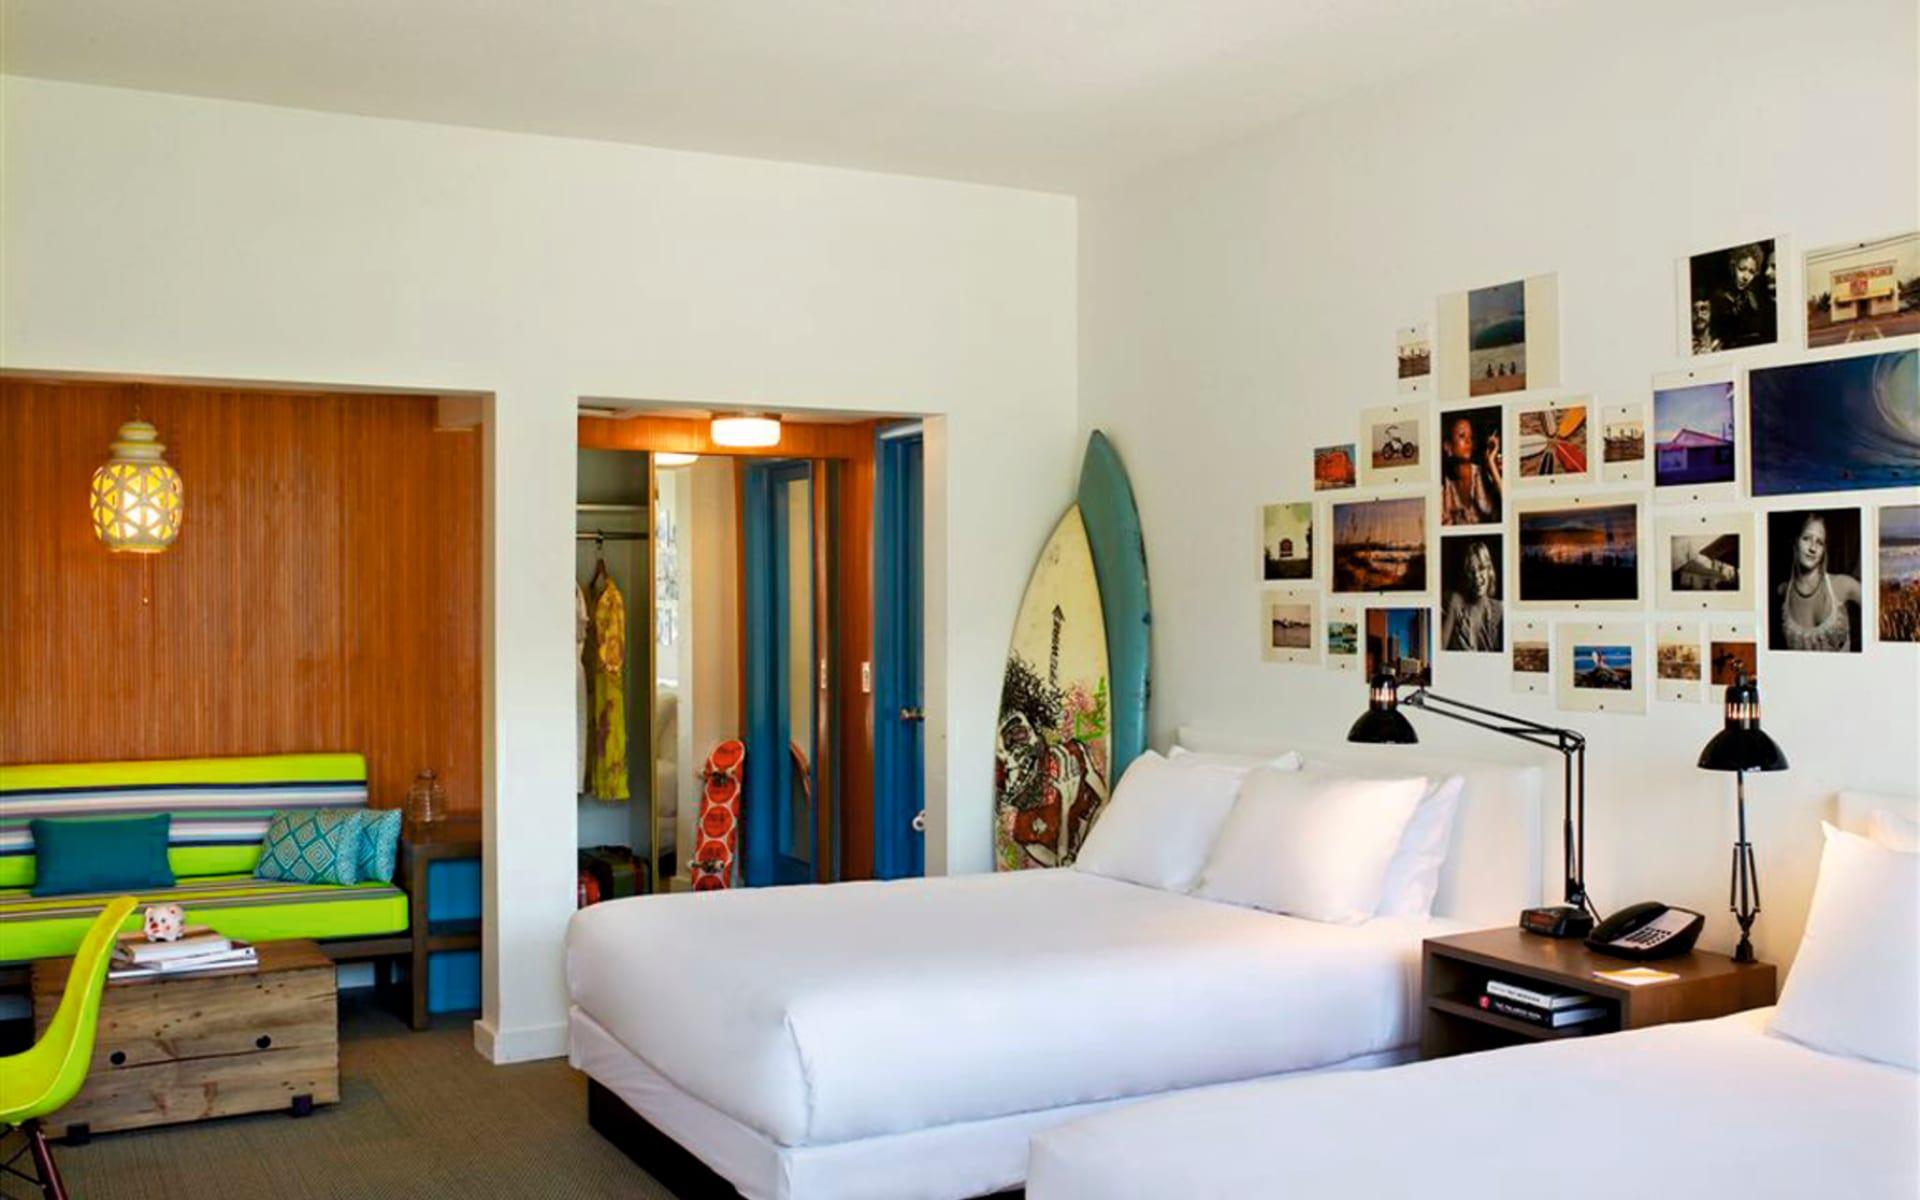 Postcard Inn on the Beach in St. Pete Beach:  postcard inn on the beach doppelzimmer